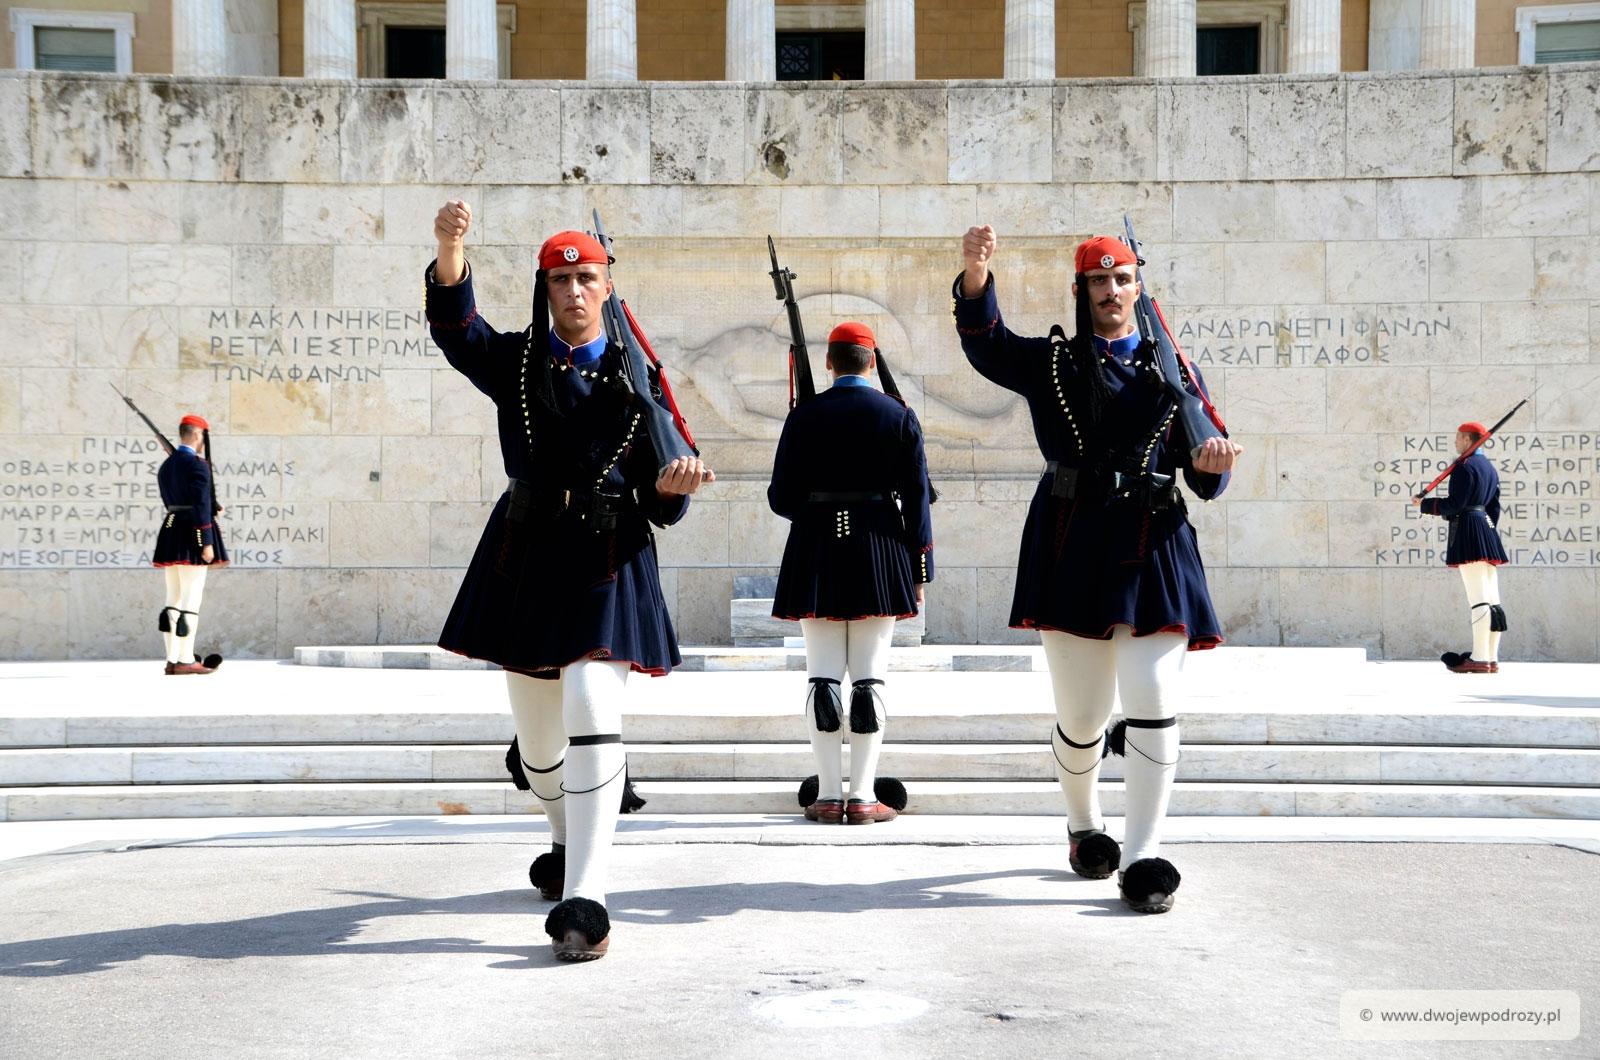 Zmiana Warty - Parlament w Atenach